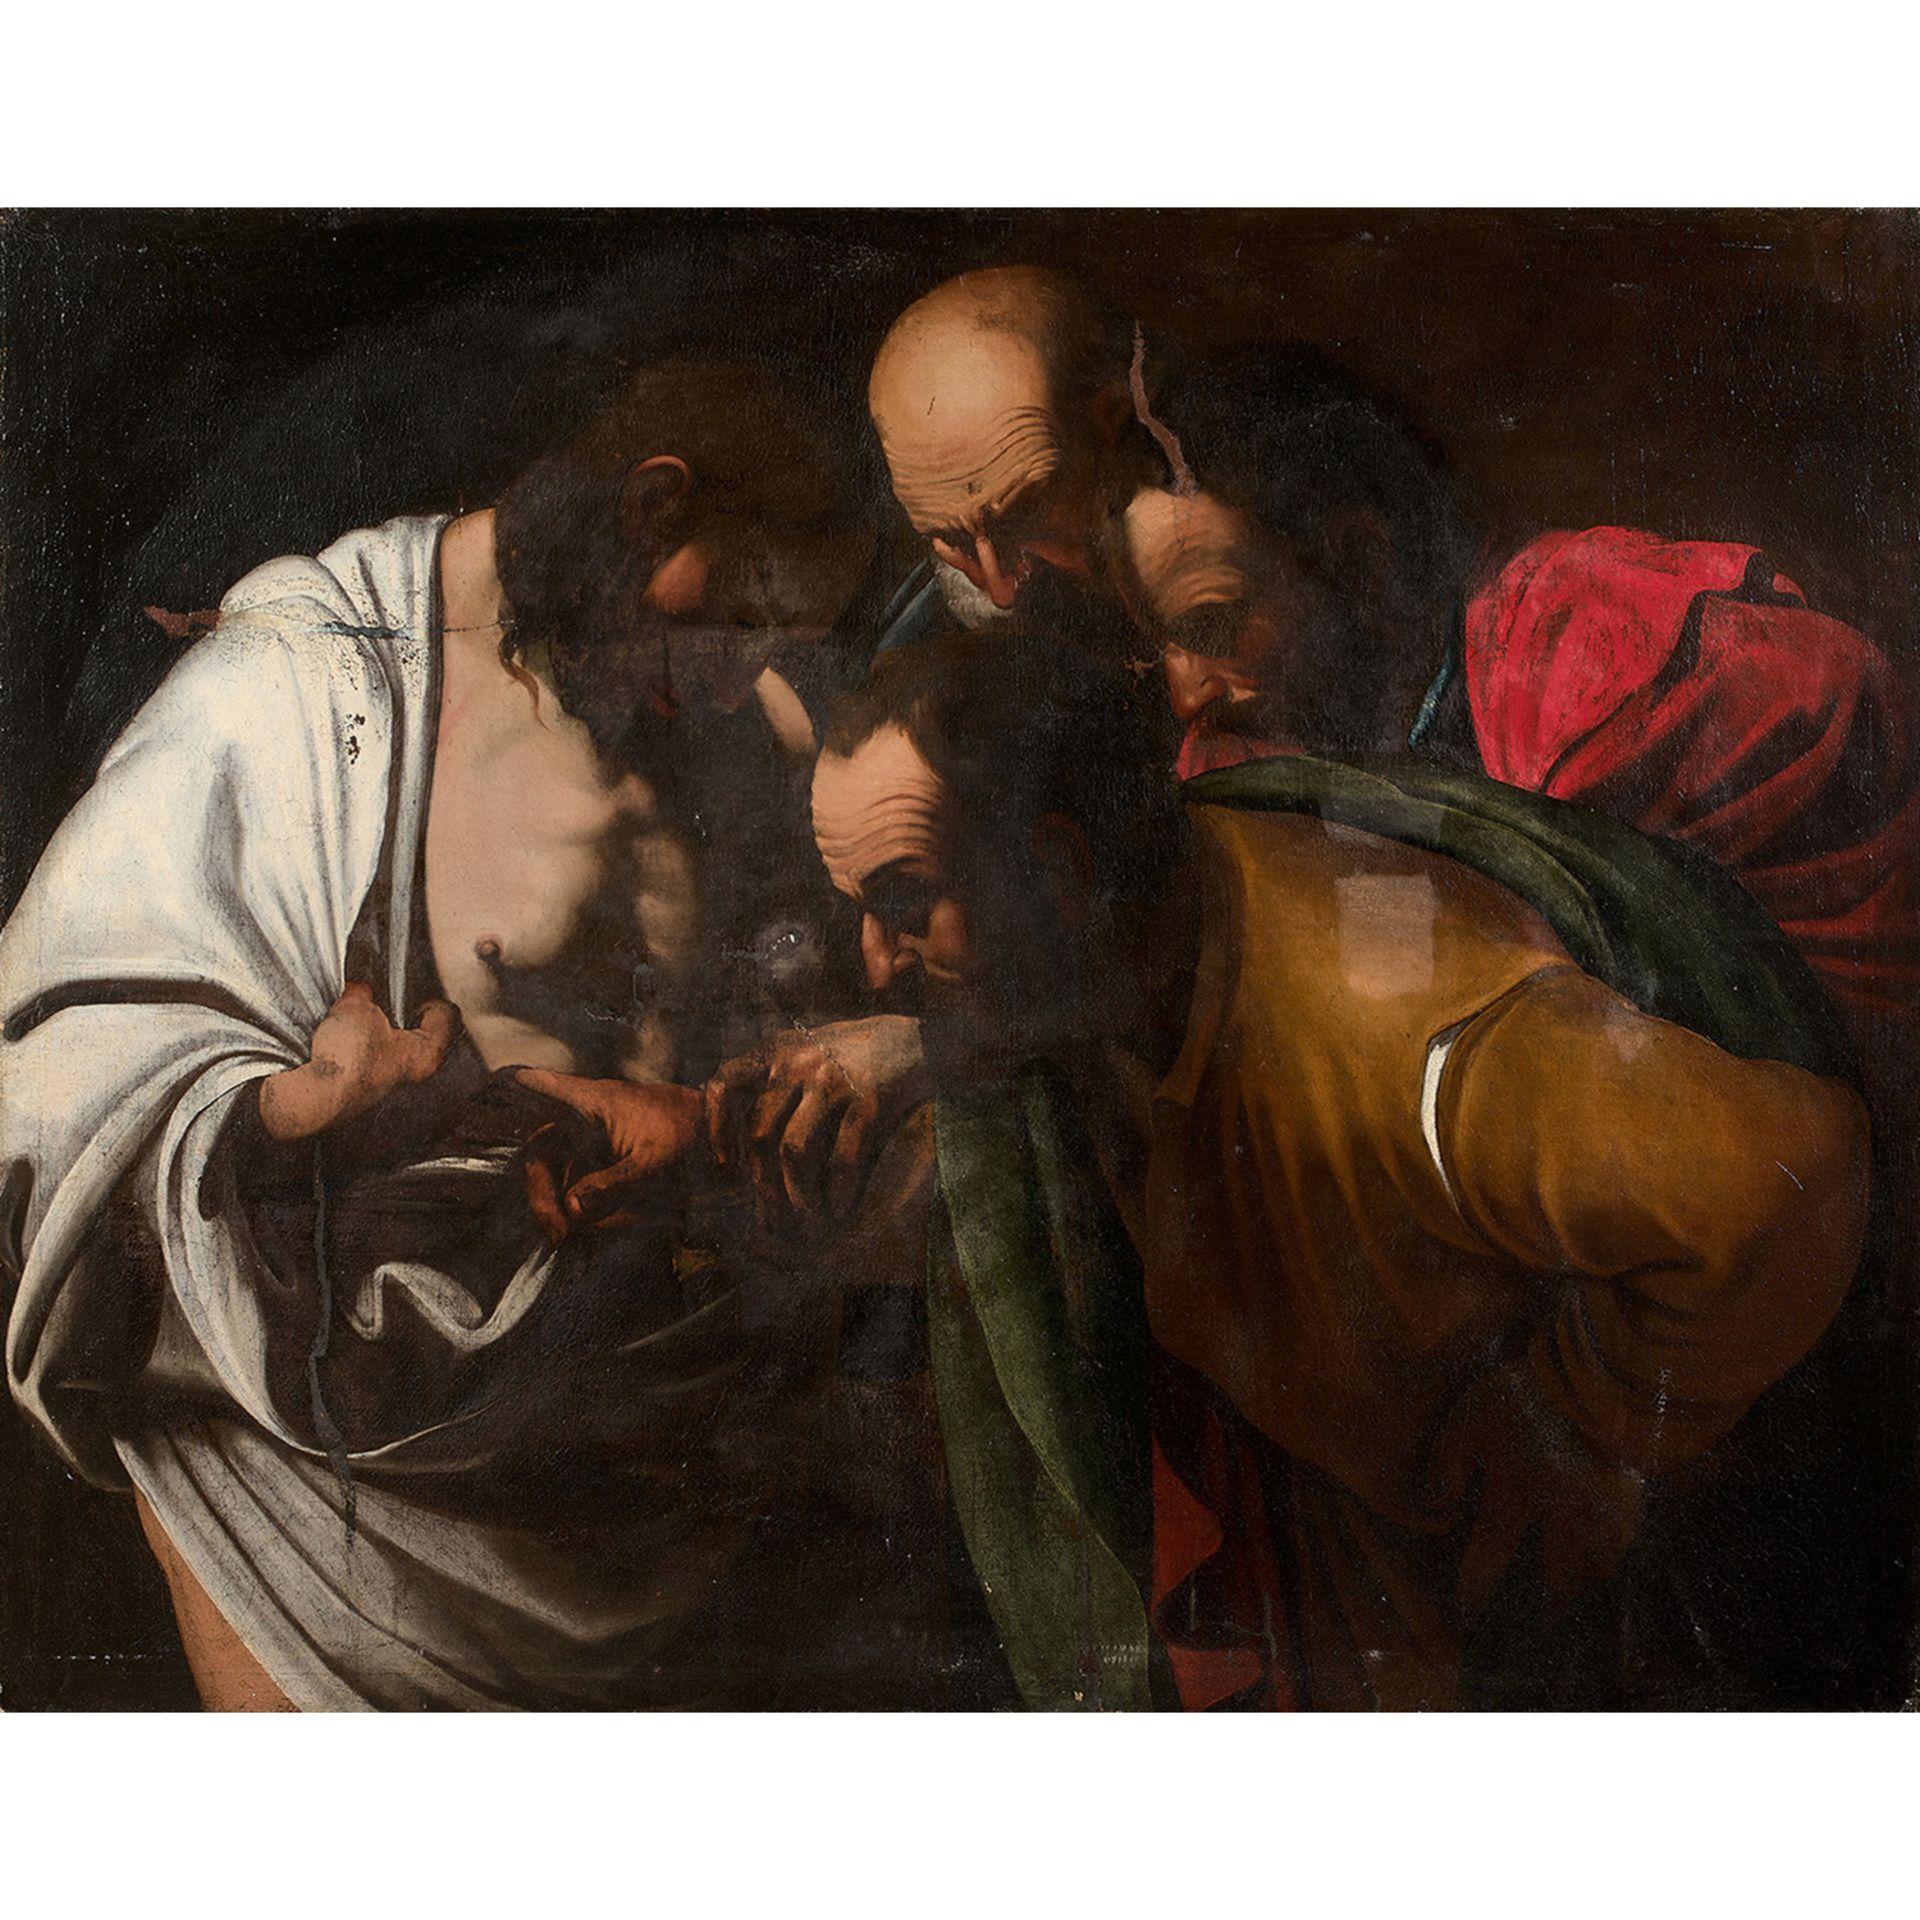 ÉCOLE ROMAINE VERS 1620, D'APRÈS CARAVAGGIO